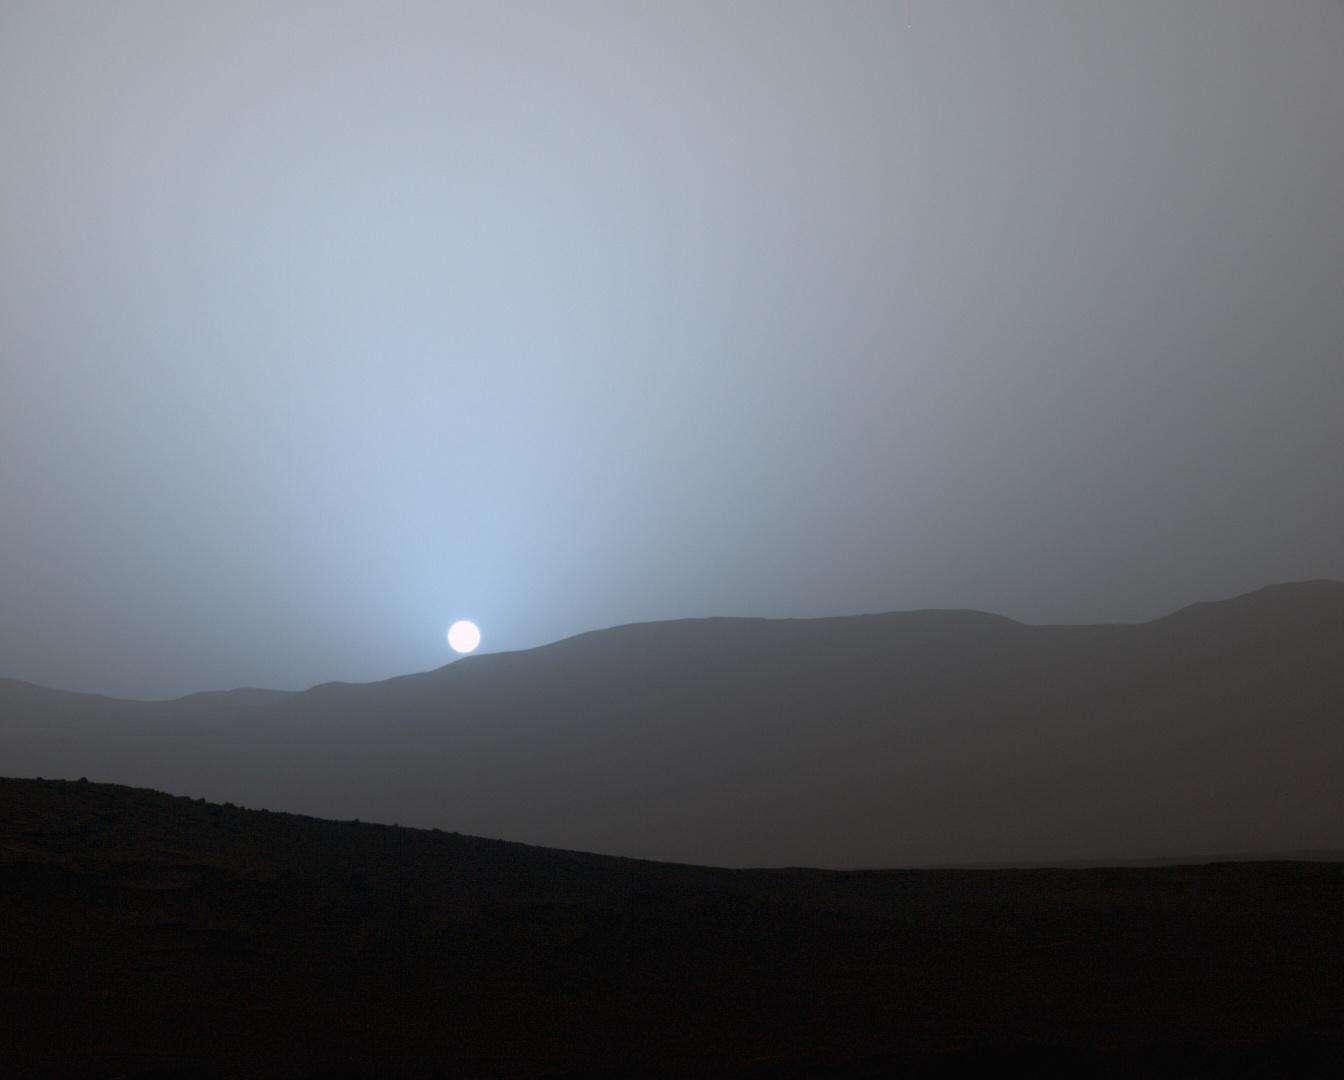 L'œil gauche de la caméra MastCam de Curiosity a pris en photo un étonnant coucher de Soleil depuis Mars le 15 avril 2015. © Nasa, JPL-Caltech, MSSS, Texas A&M University